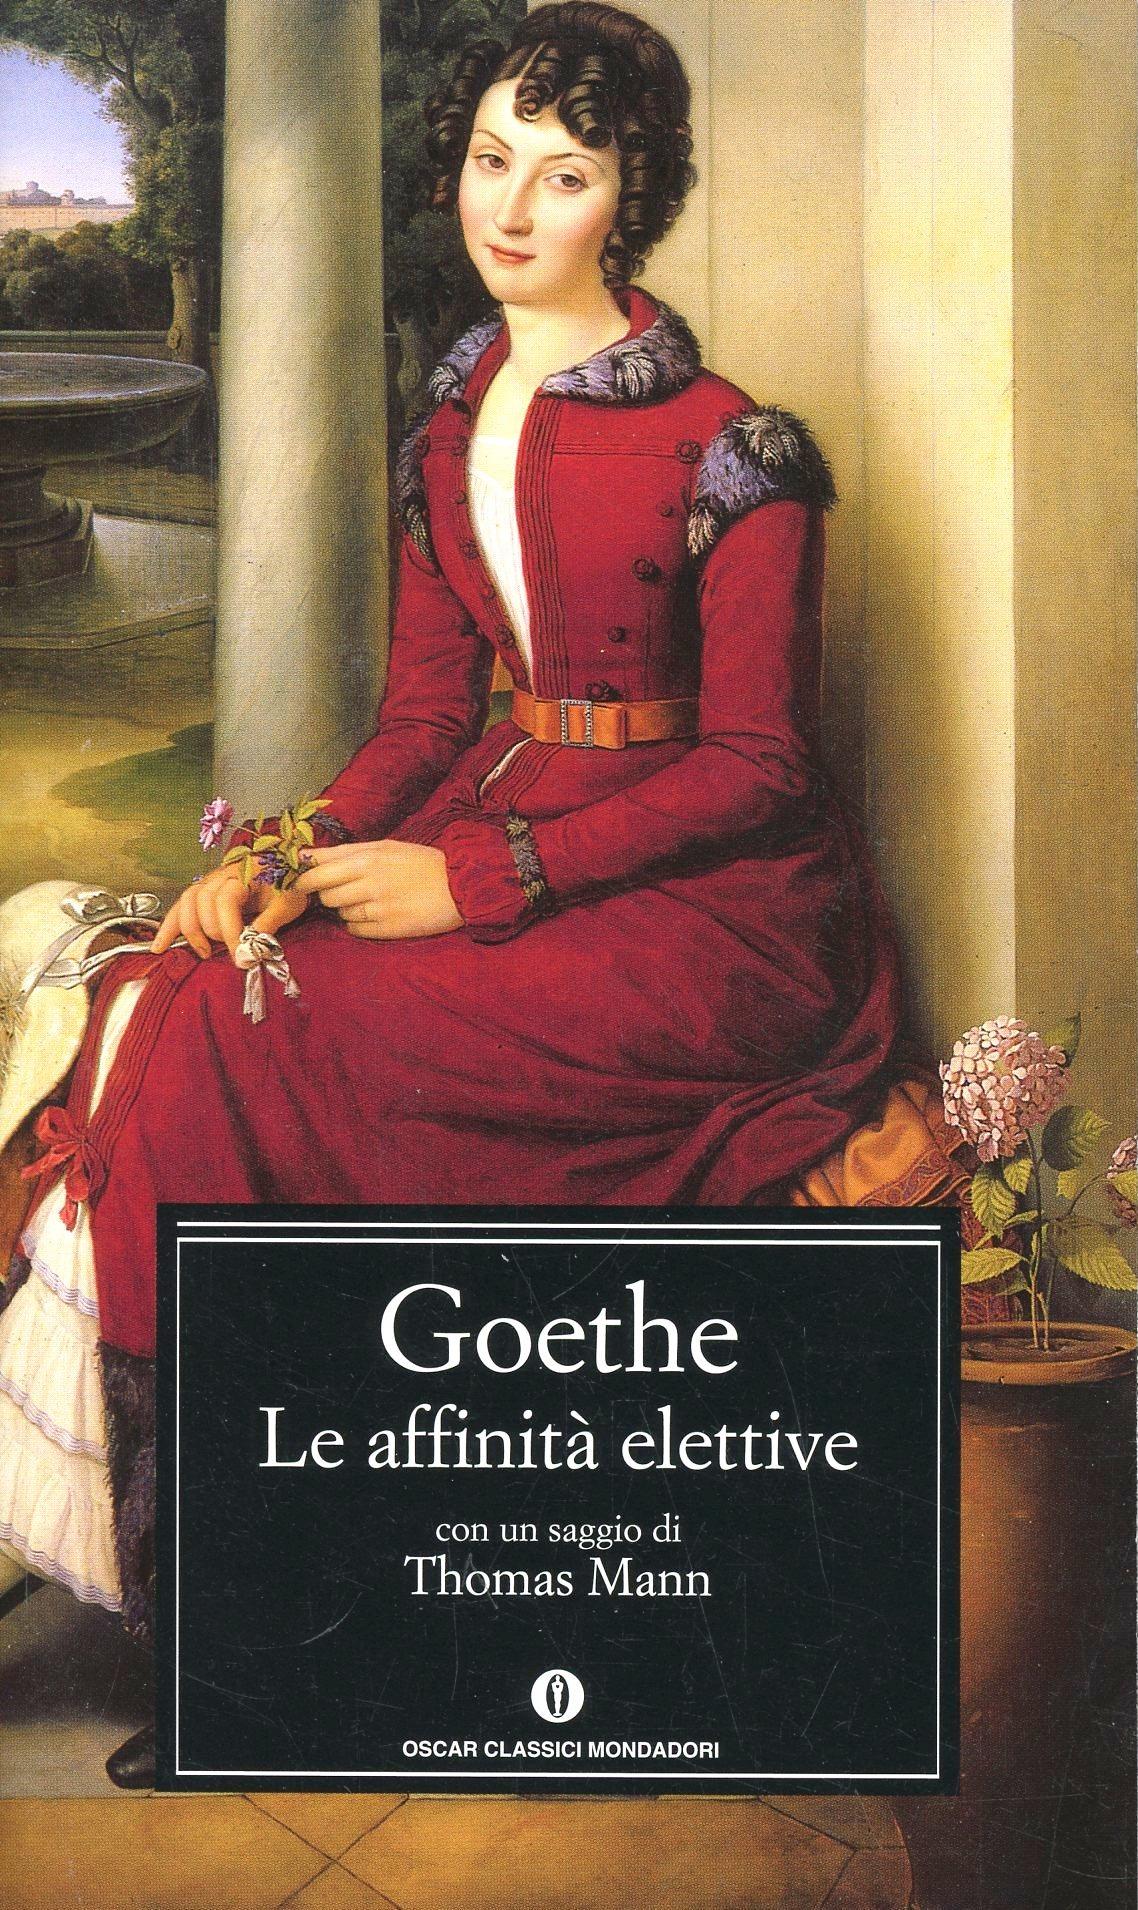 goethe - :: Le affinità elettive di Johann Wolfgang von Goethe (Mondadori 2001) a cura di Marcello Caccialanza — Liberi di scrivere